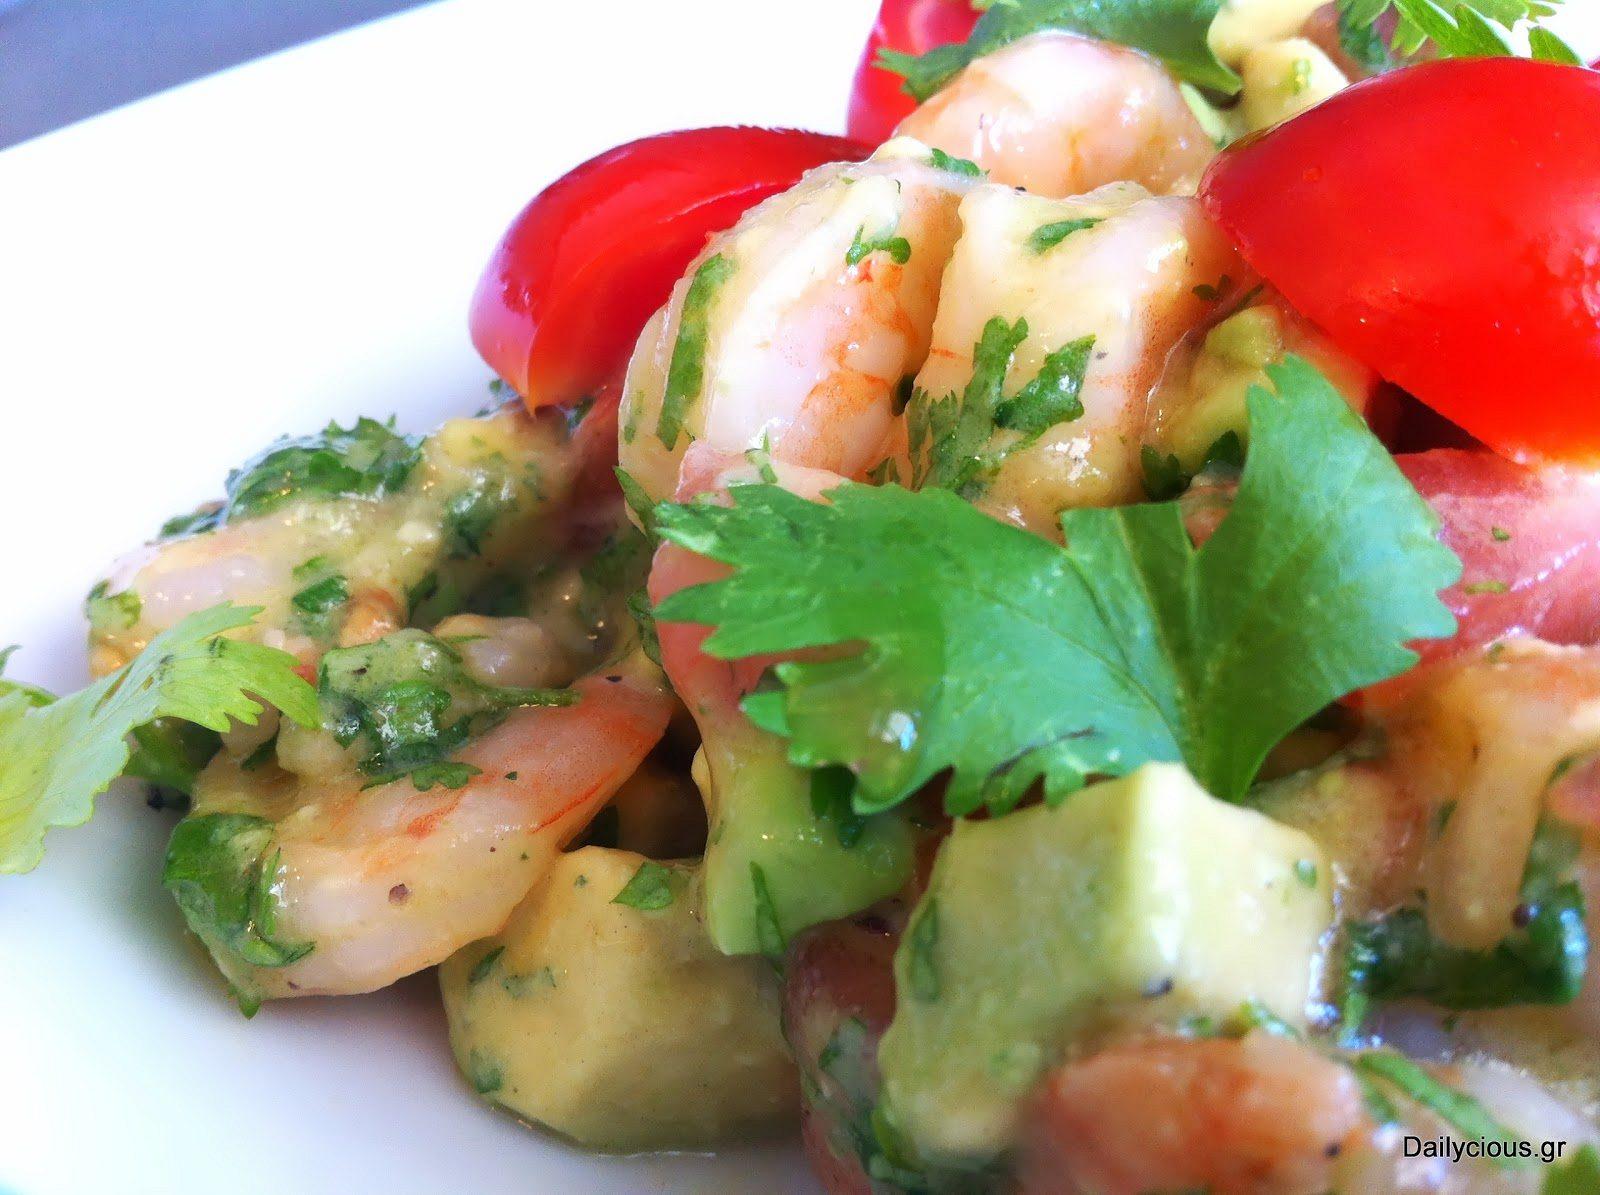 Η σαλάτα με γαρίδες, αβοκάντο και λάιμ είναι έτοιμη.